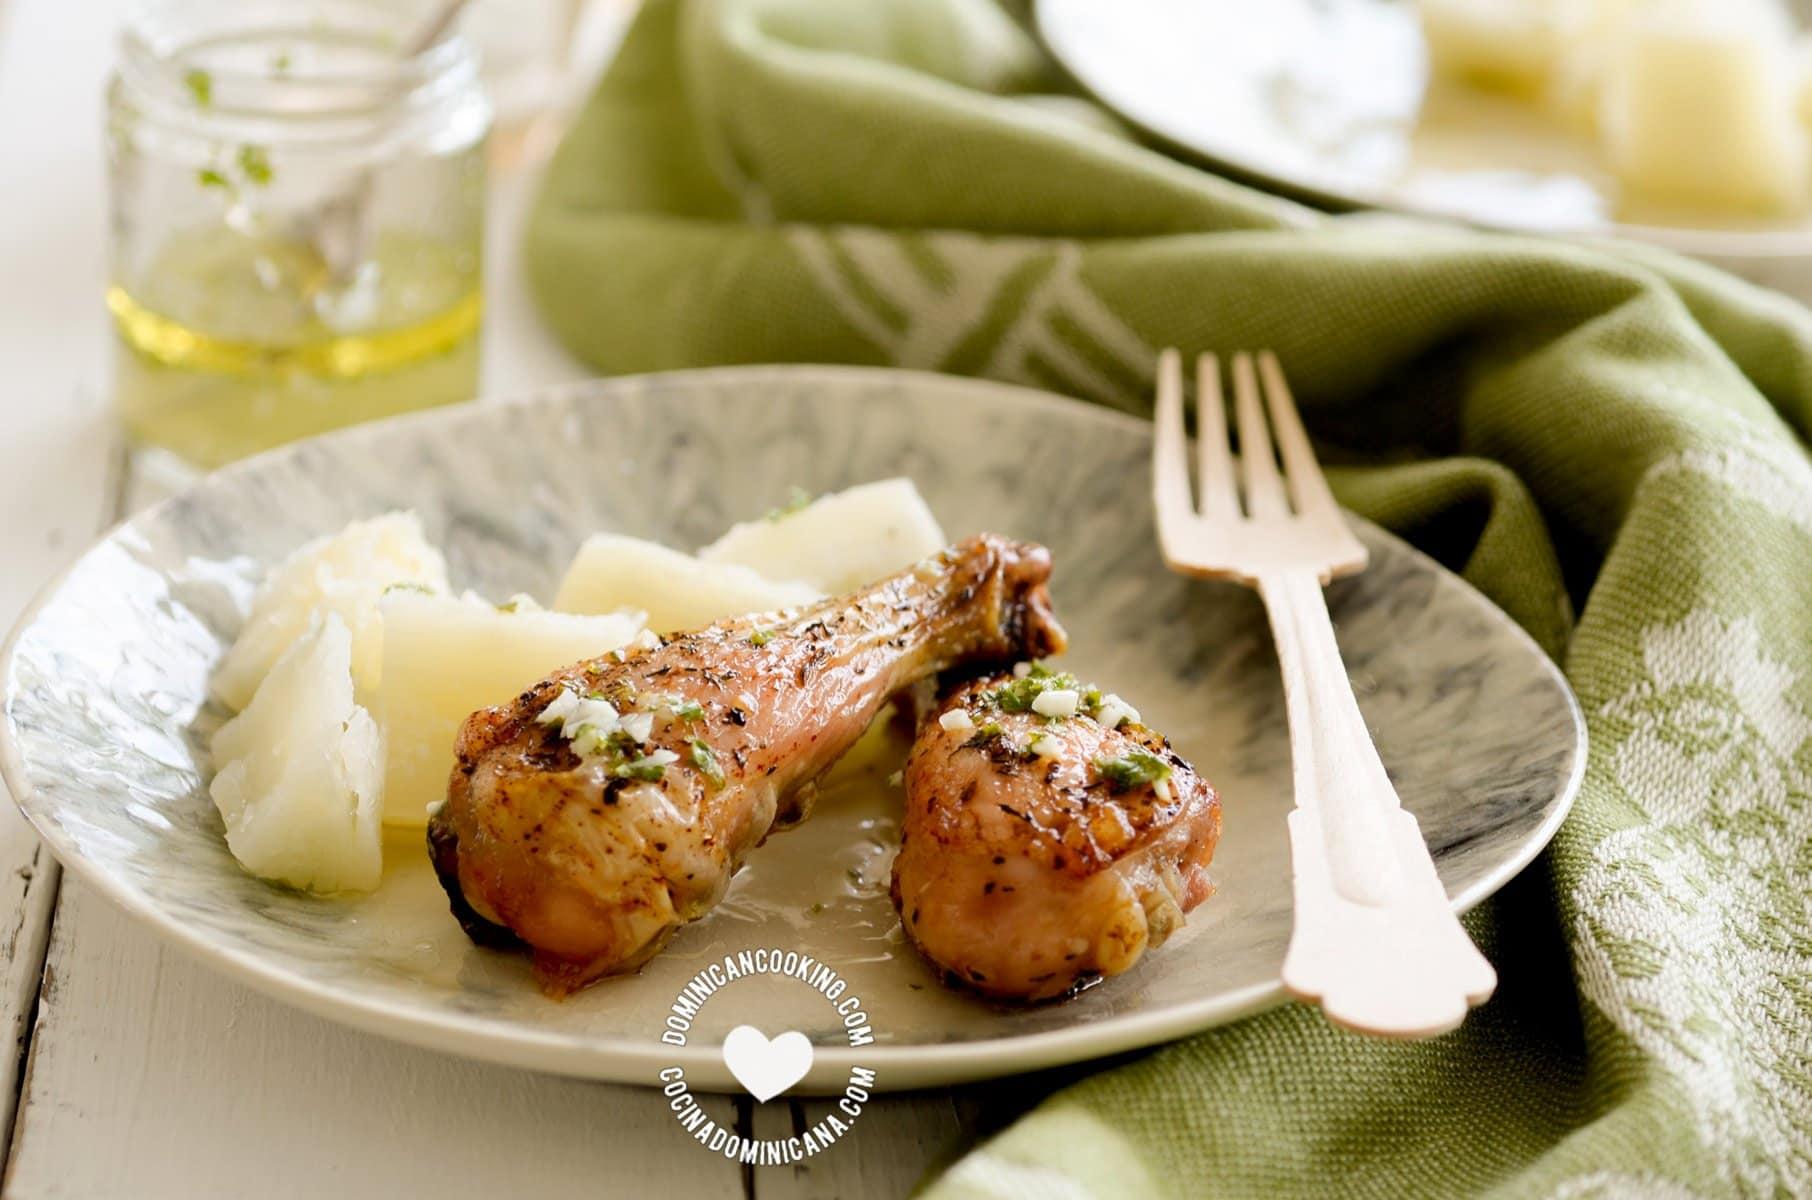 pollo con wasakaka (pollo asado dominicano con salsa de ajo) servida con yuca